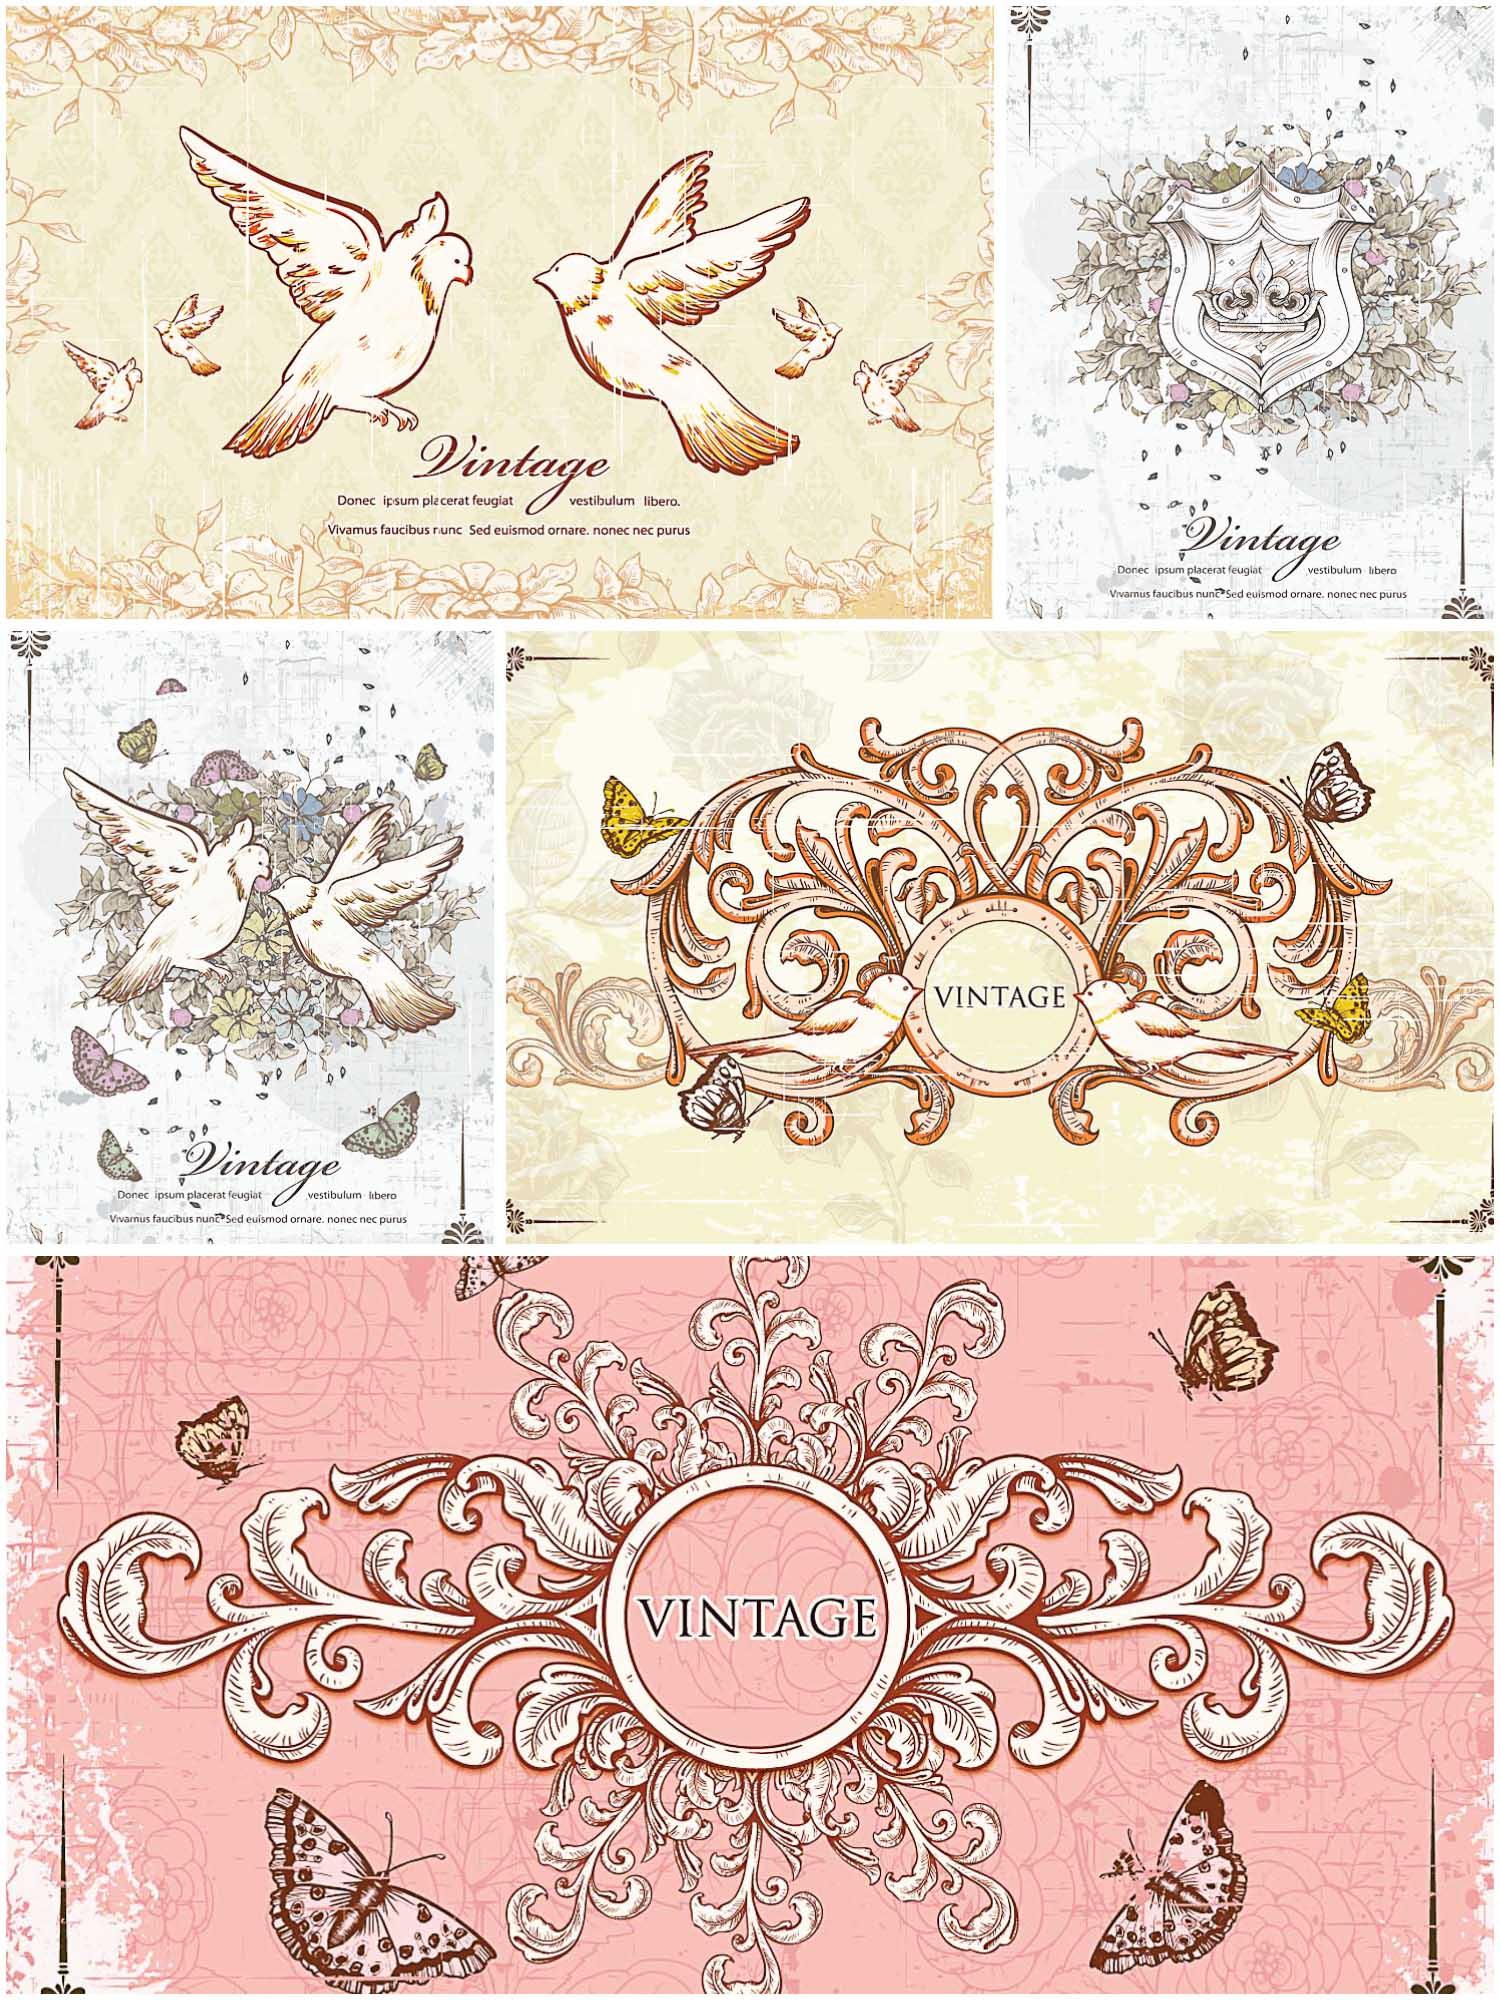 Vintage Frames With Doves Card Set Vector Free Download